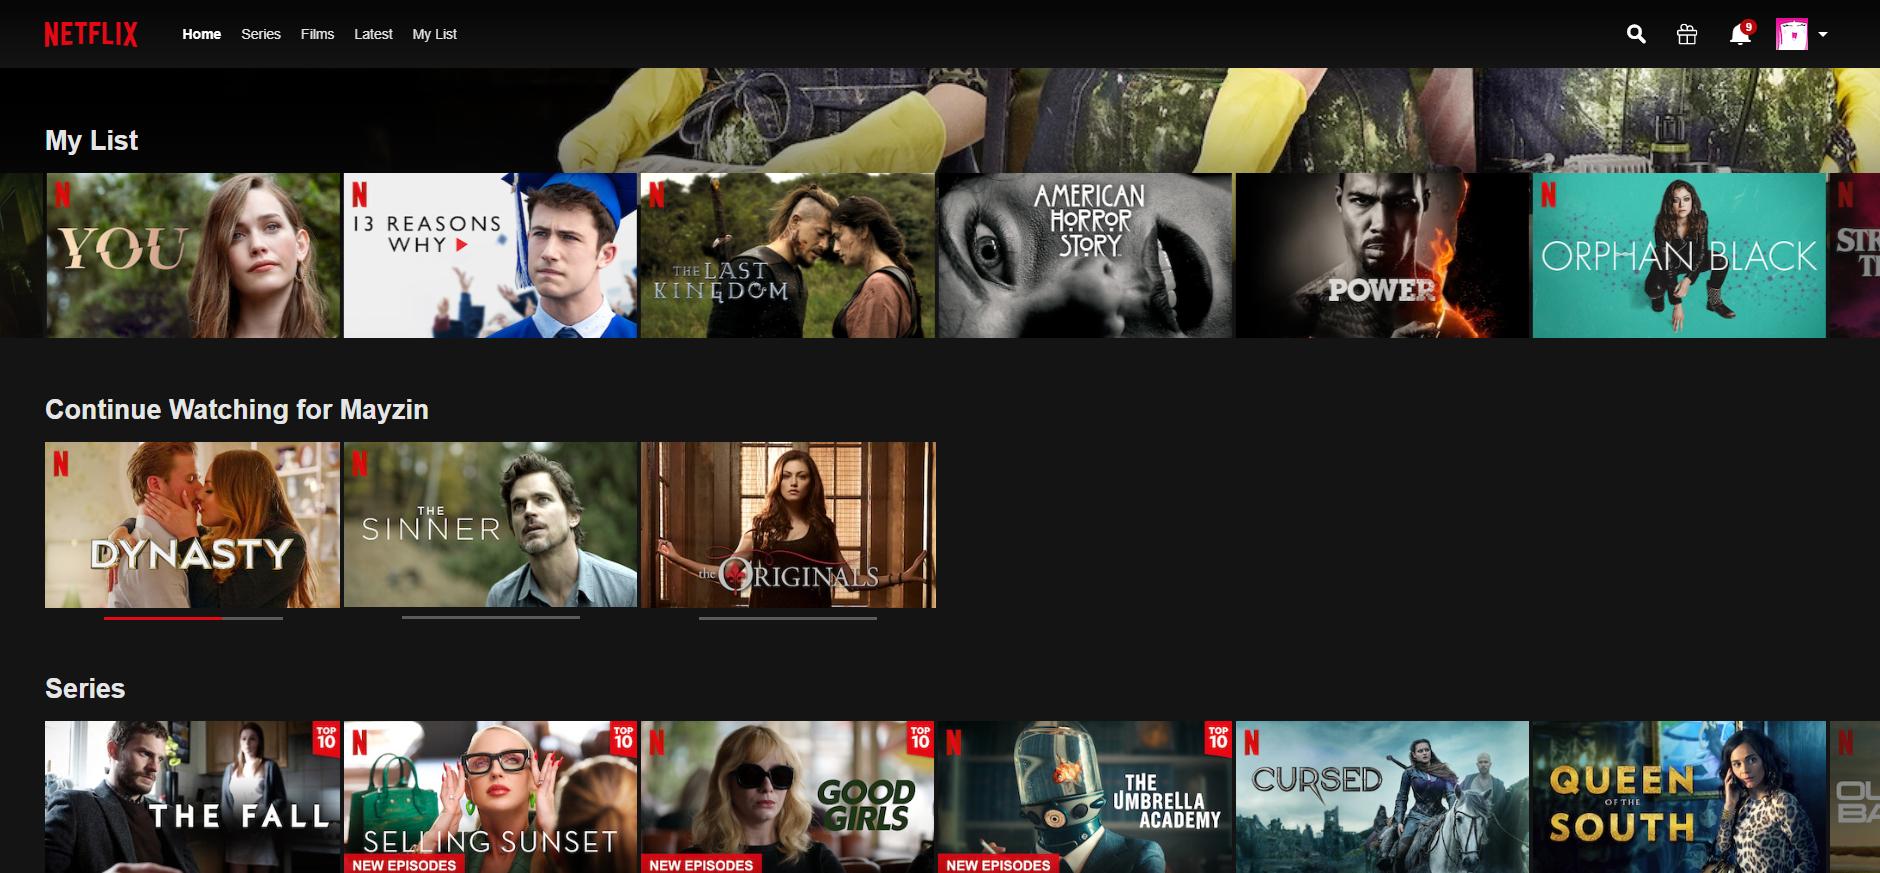 Netflix - personalisation-1